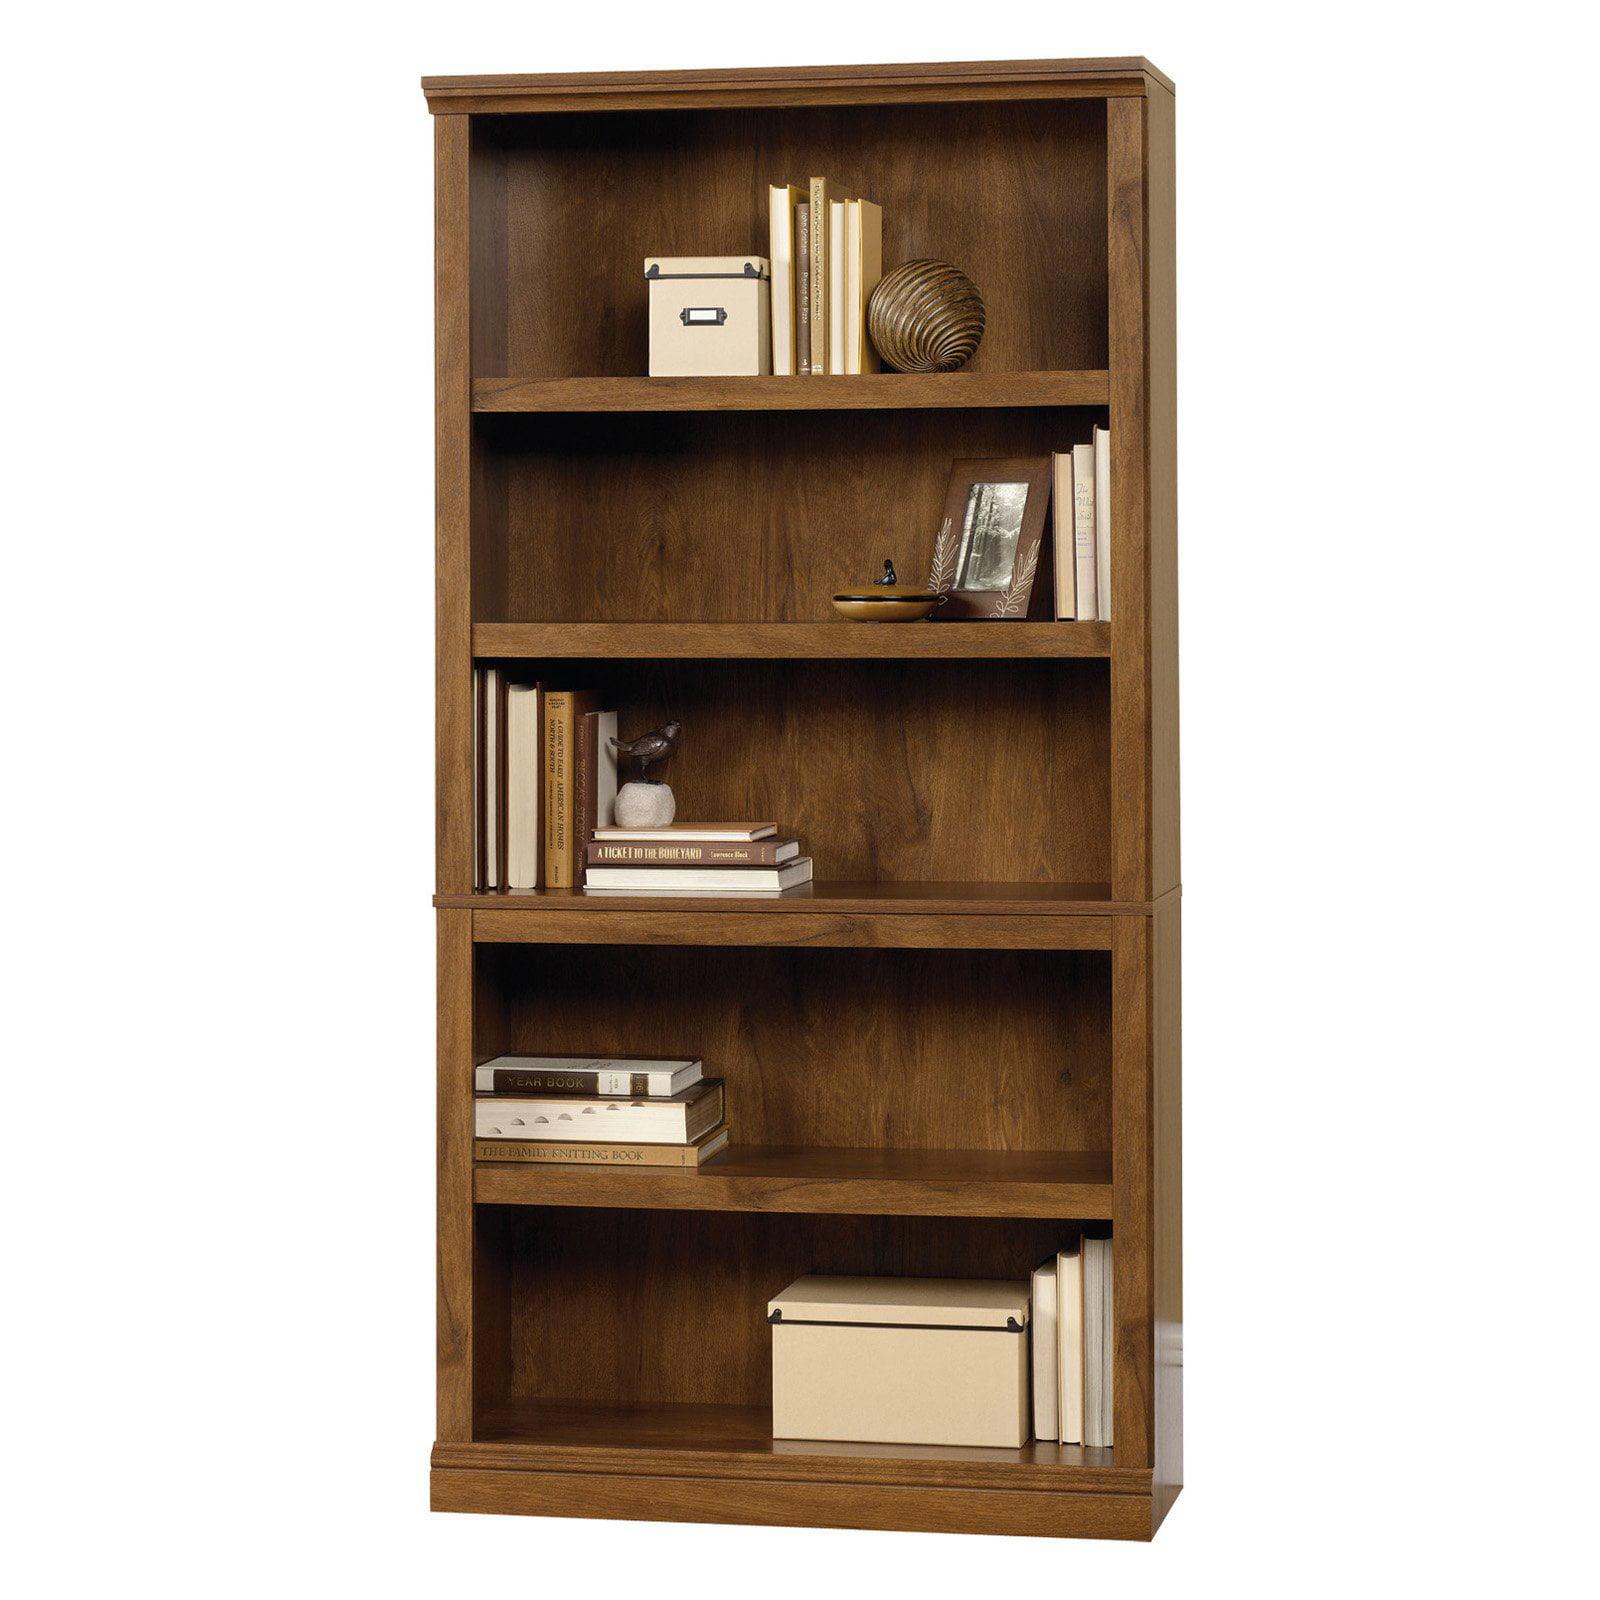 Sauder Select 5-Shelf Bookcase, Multiple Finishes